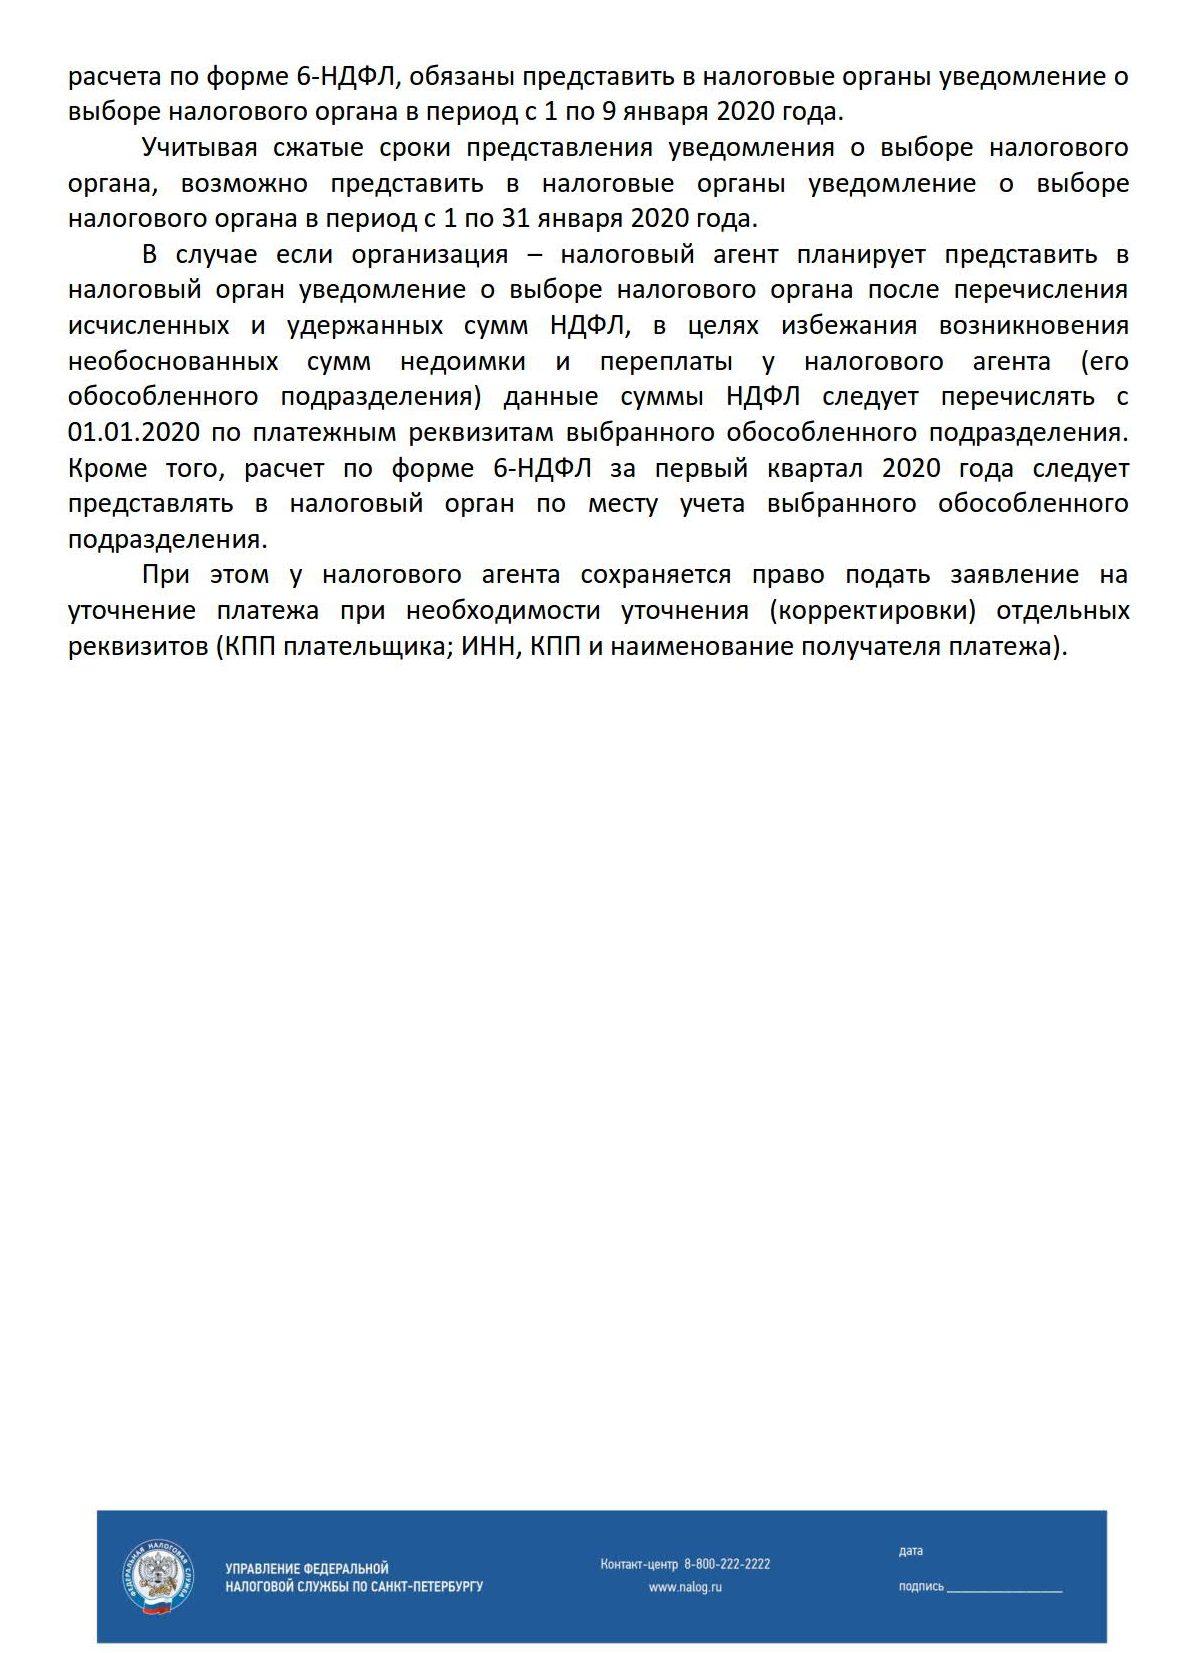 Об изменениях порядка представления налоговой отчетности по НДФЛ _2